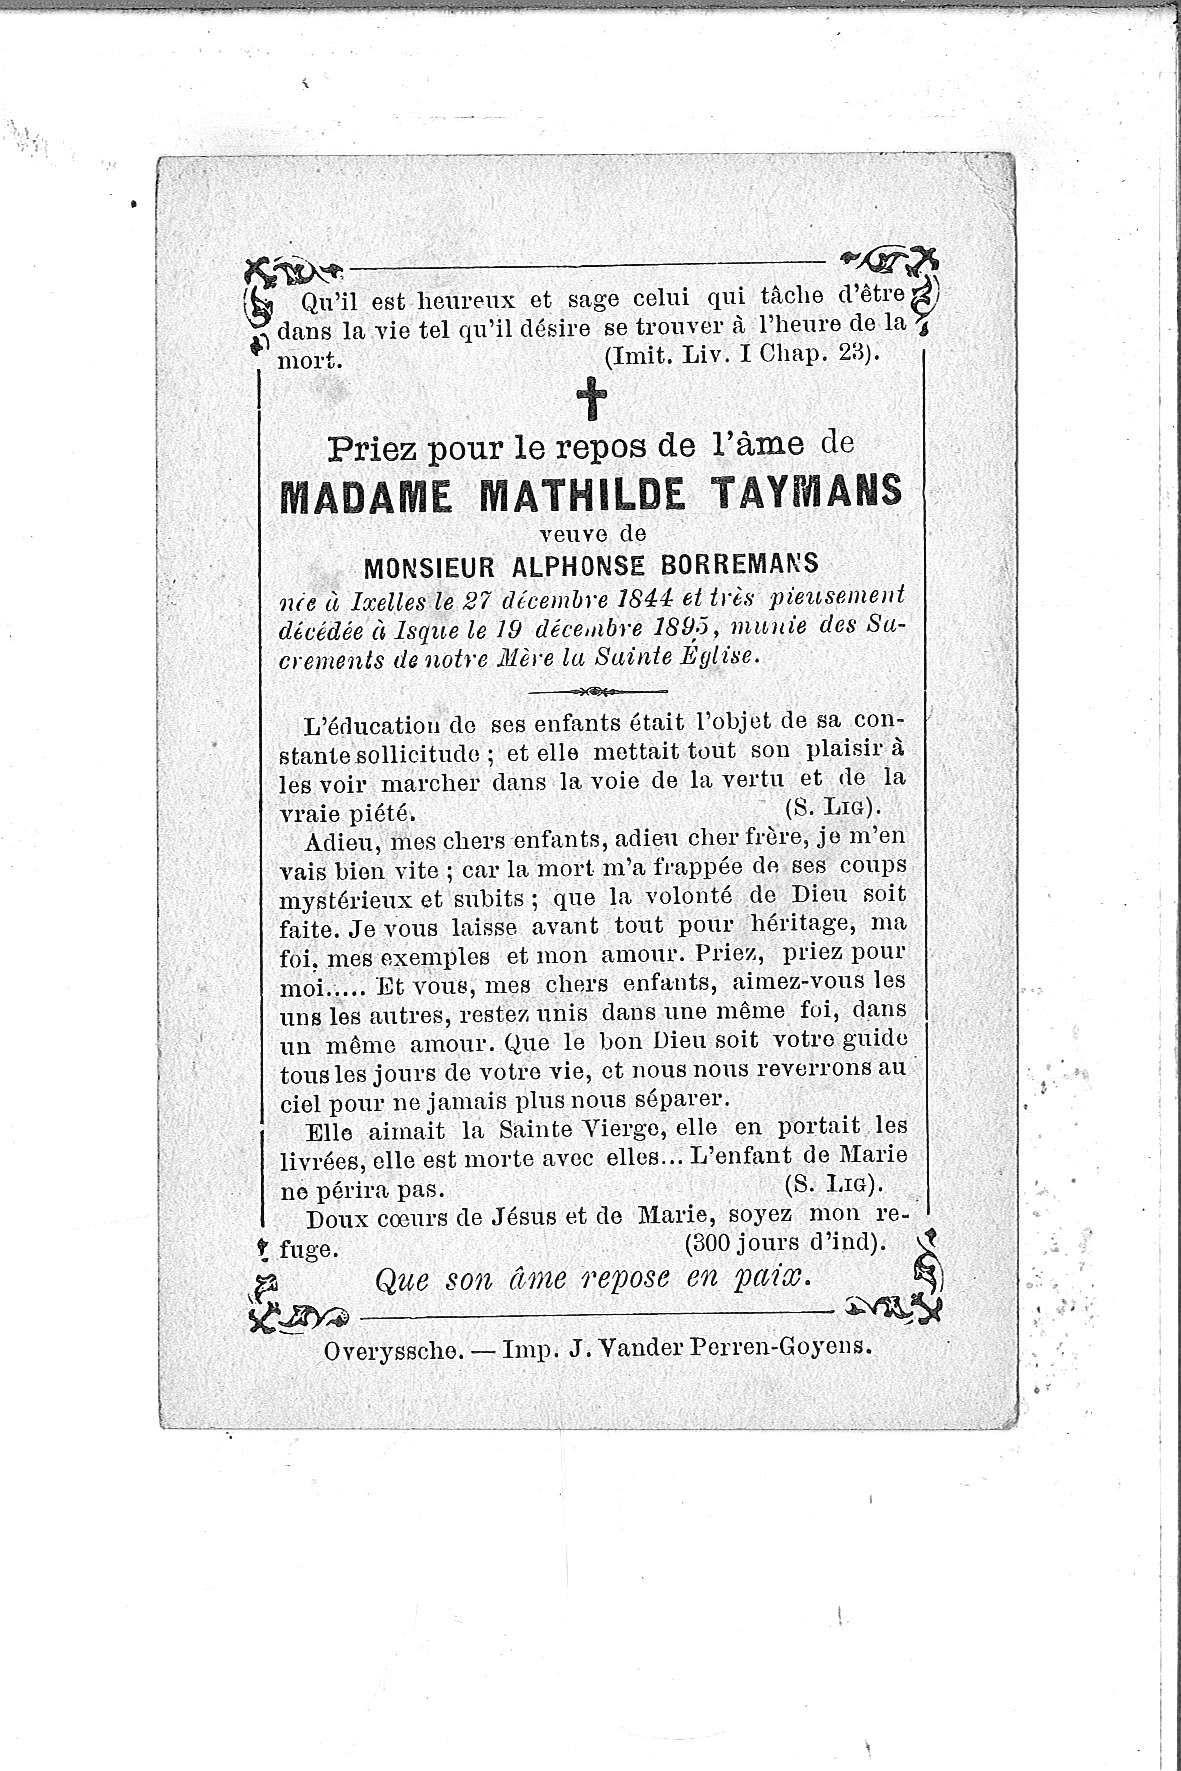 Mathilde(1895)20140730085017_00193.jpg